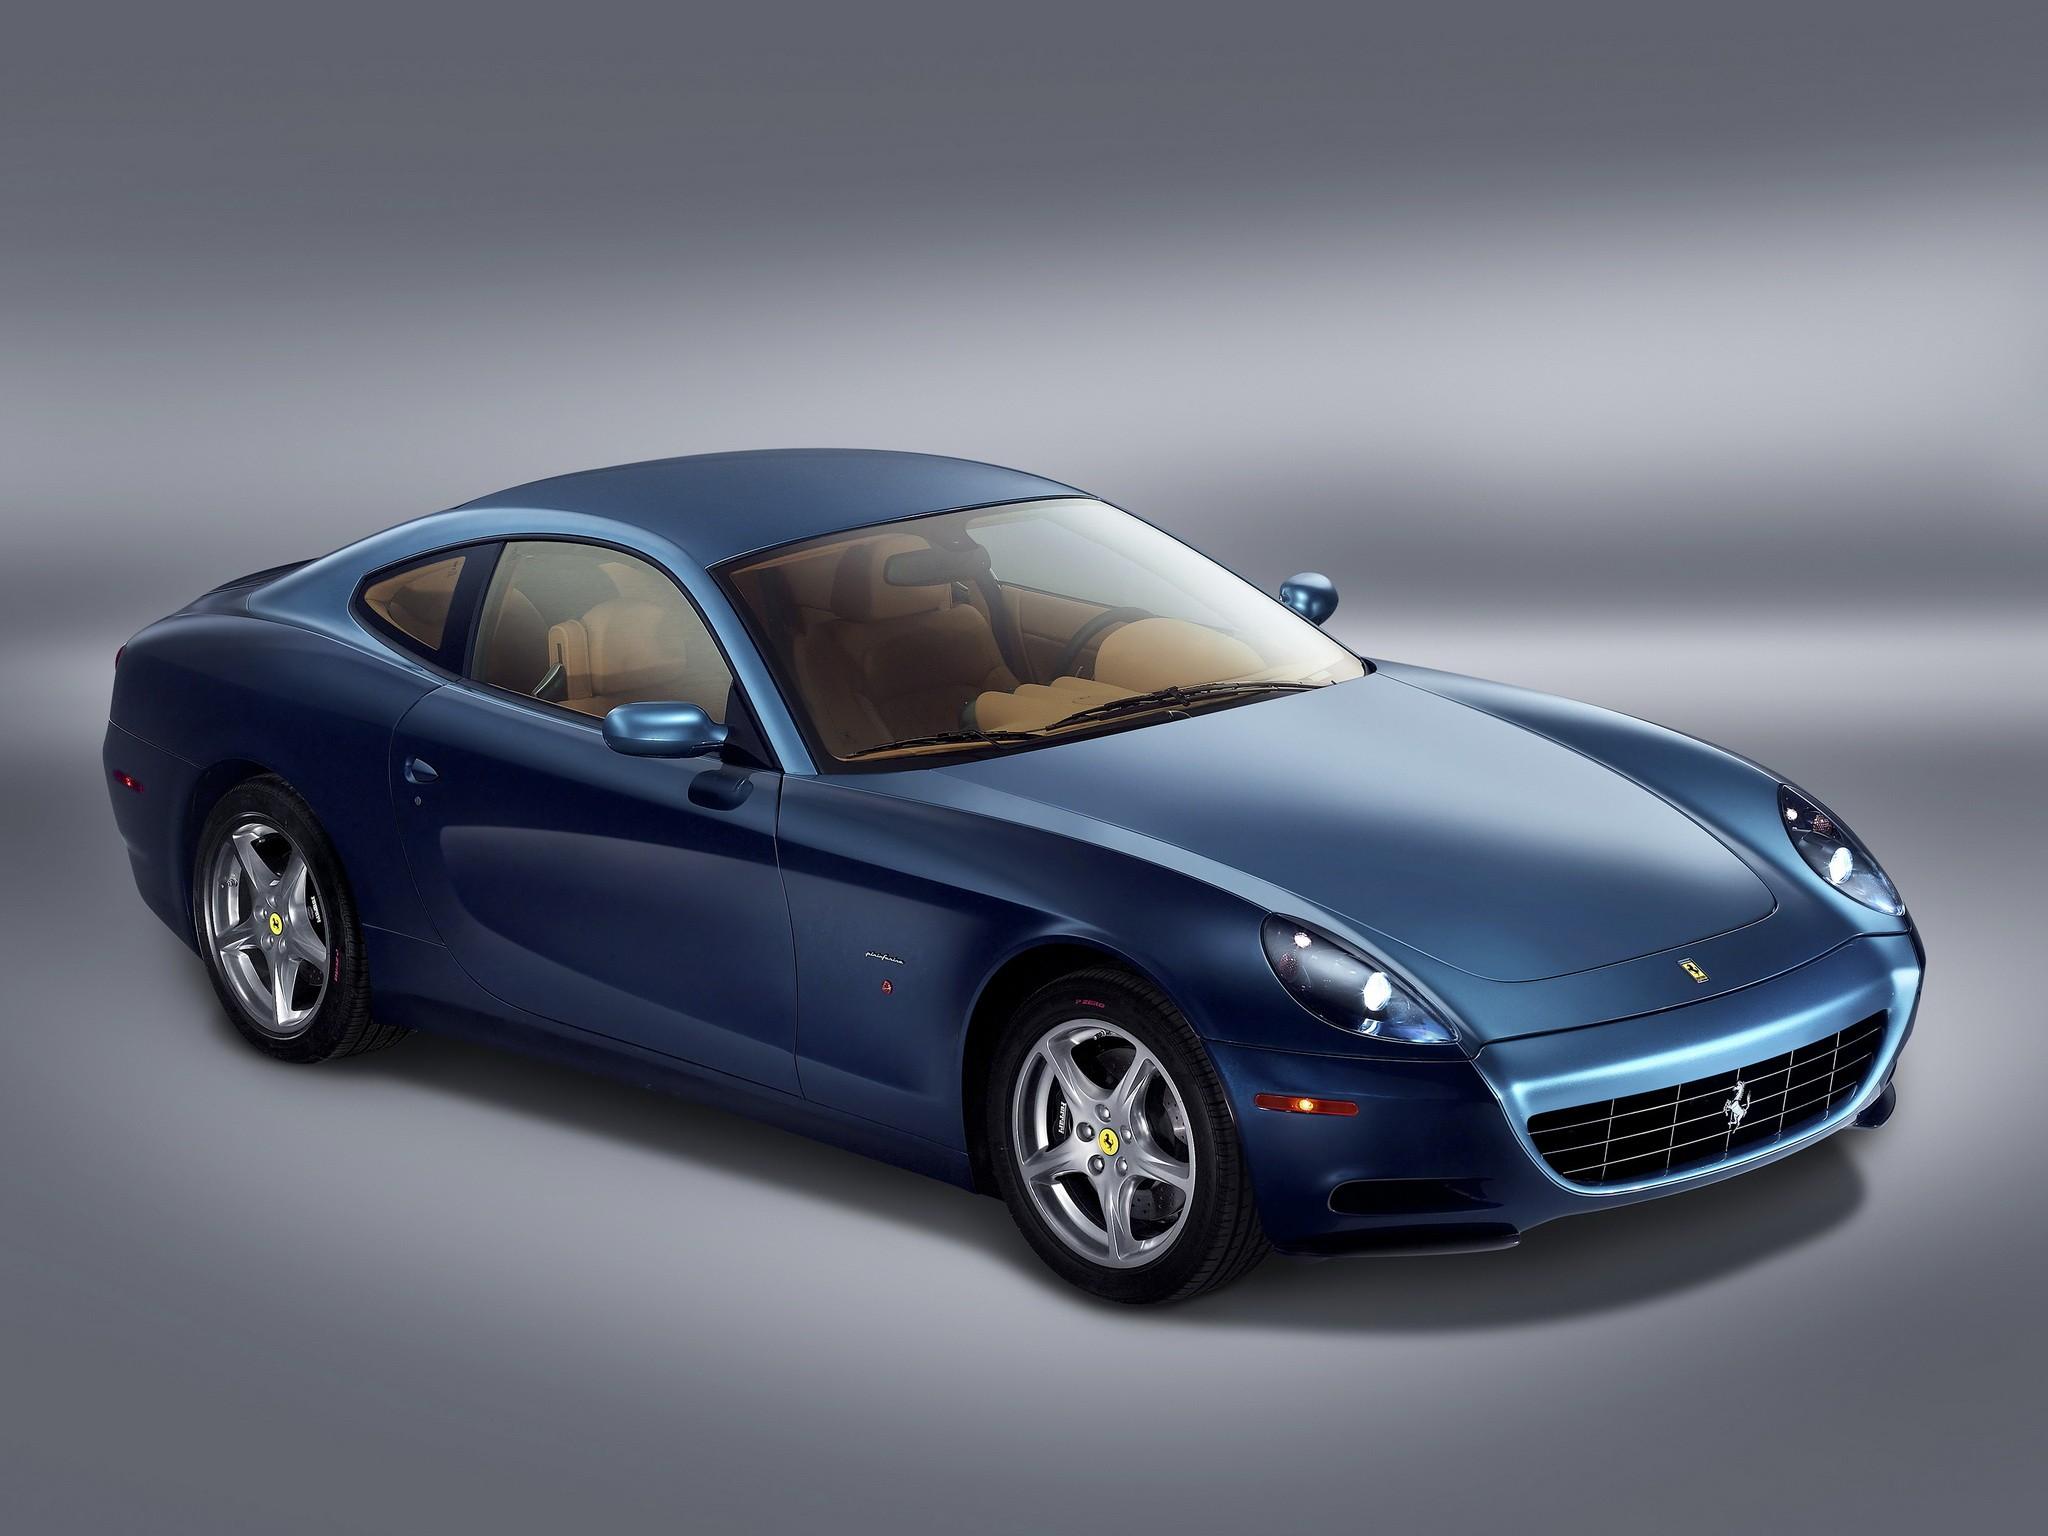 Ferrari Used Car Price